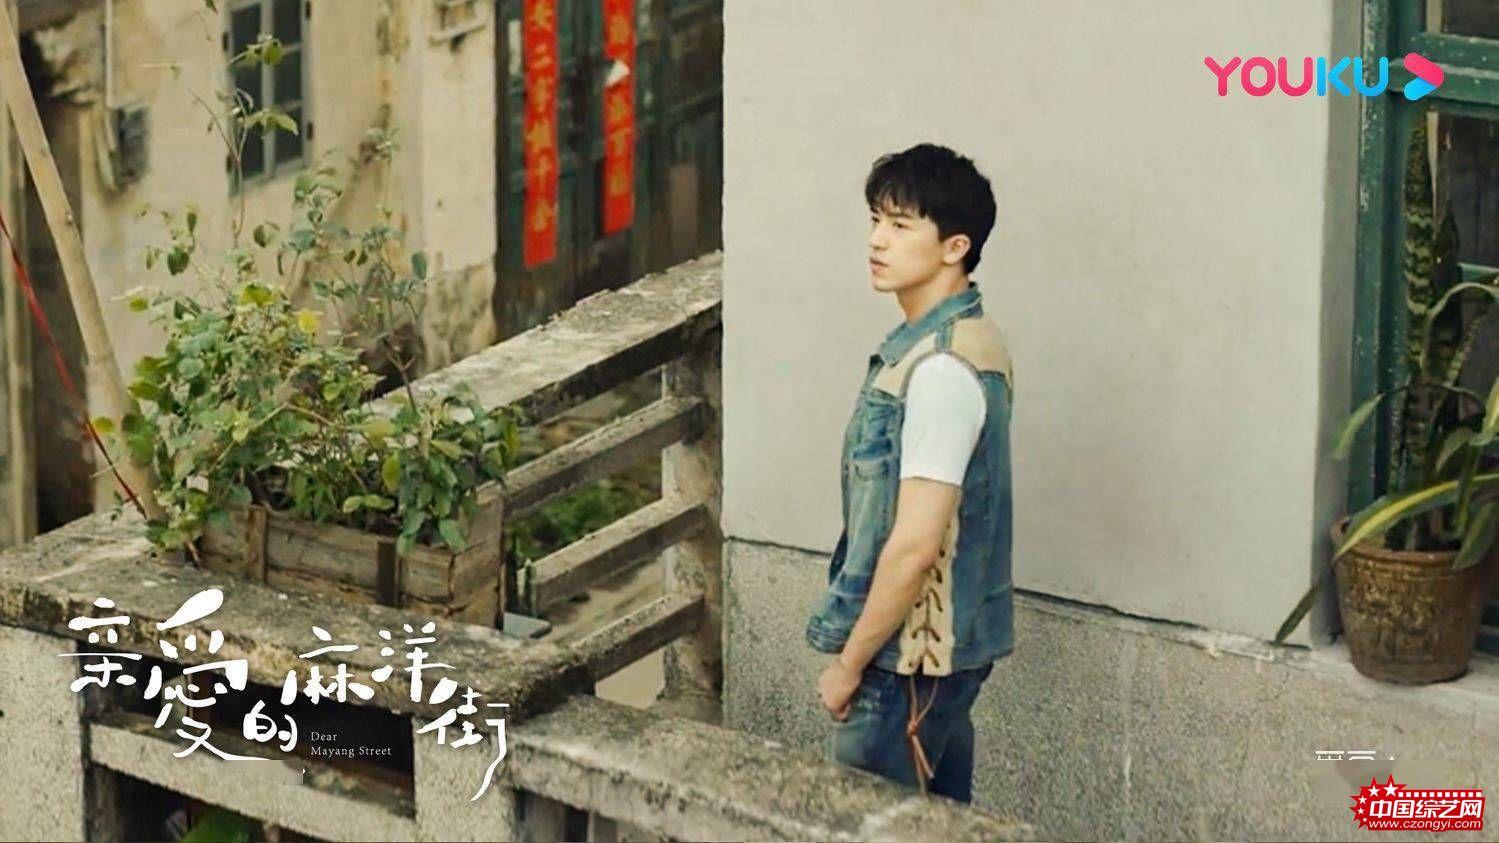 合家欢李锐_《亲爱的麻洋街》发布先导片 追忆最好的青春 - 电视 - 综艺网 ...